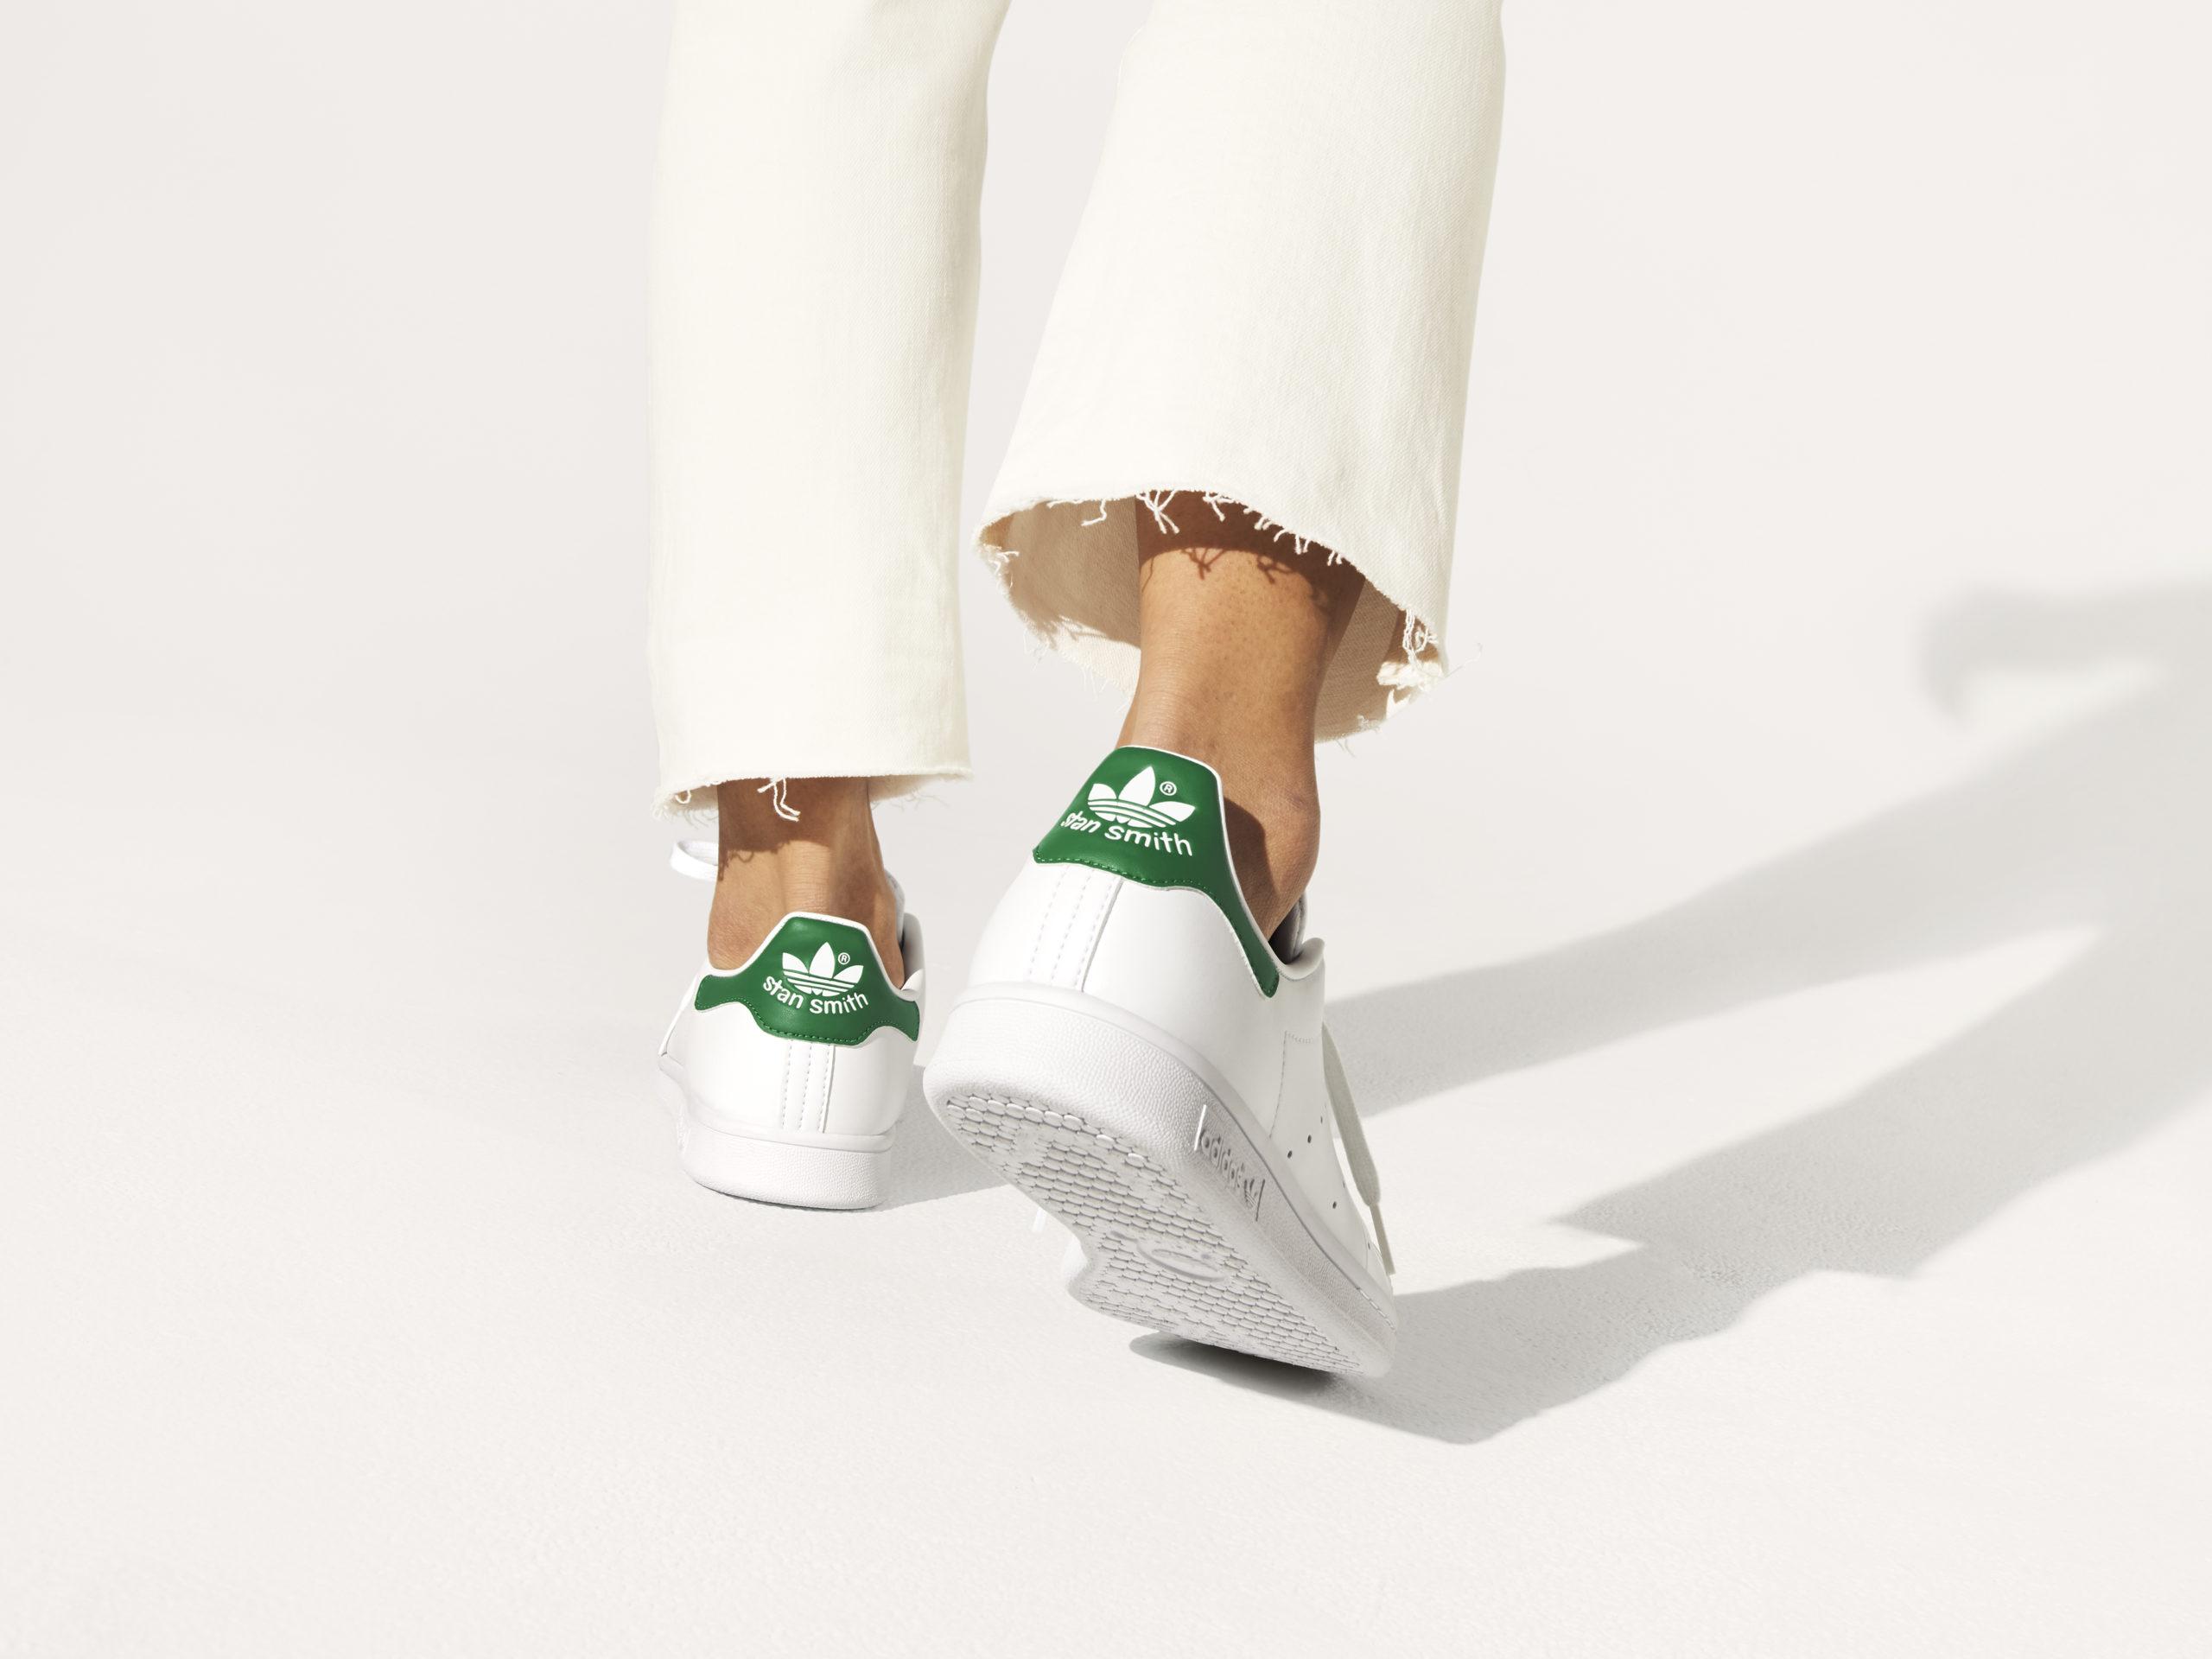 Sí, la moda contamina, pero hay marcas que luchan por cambiarlo